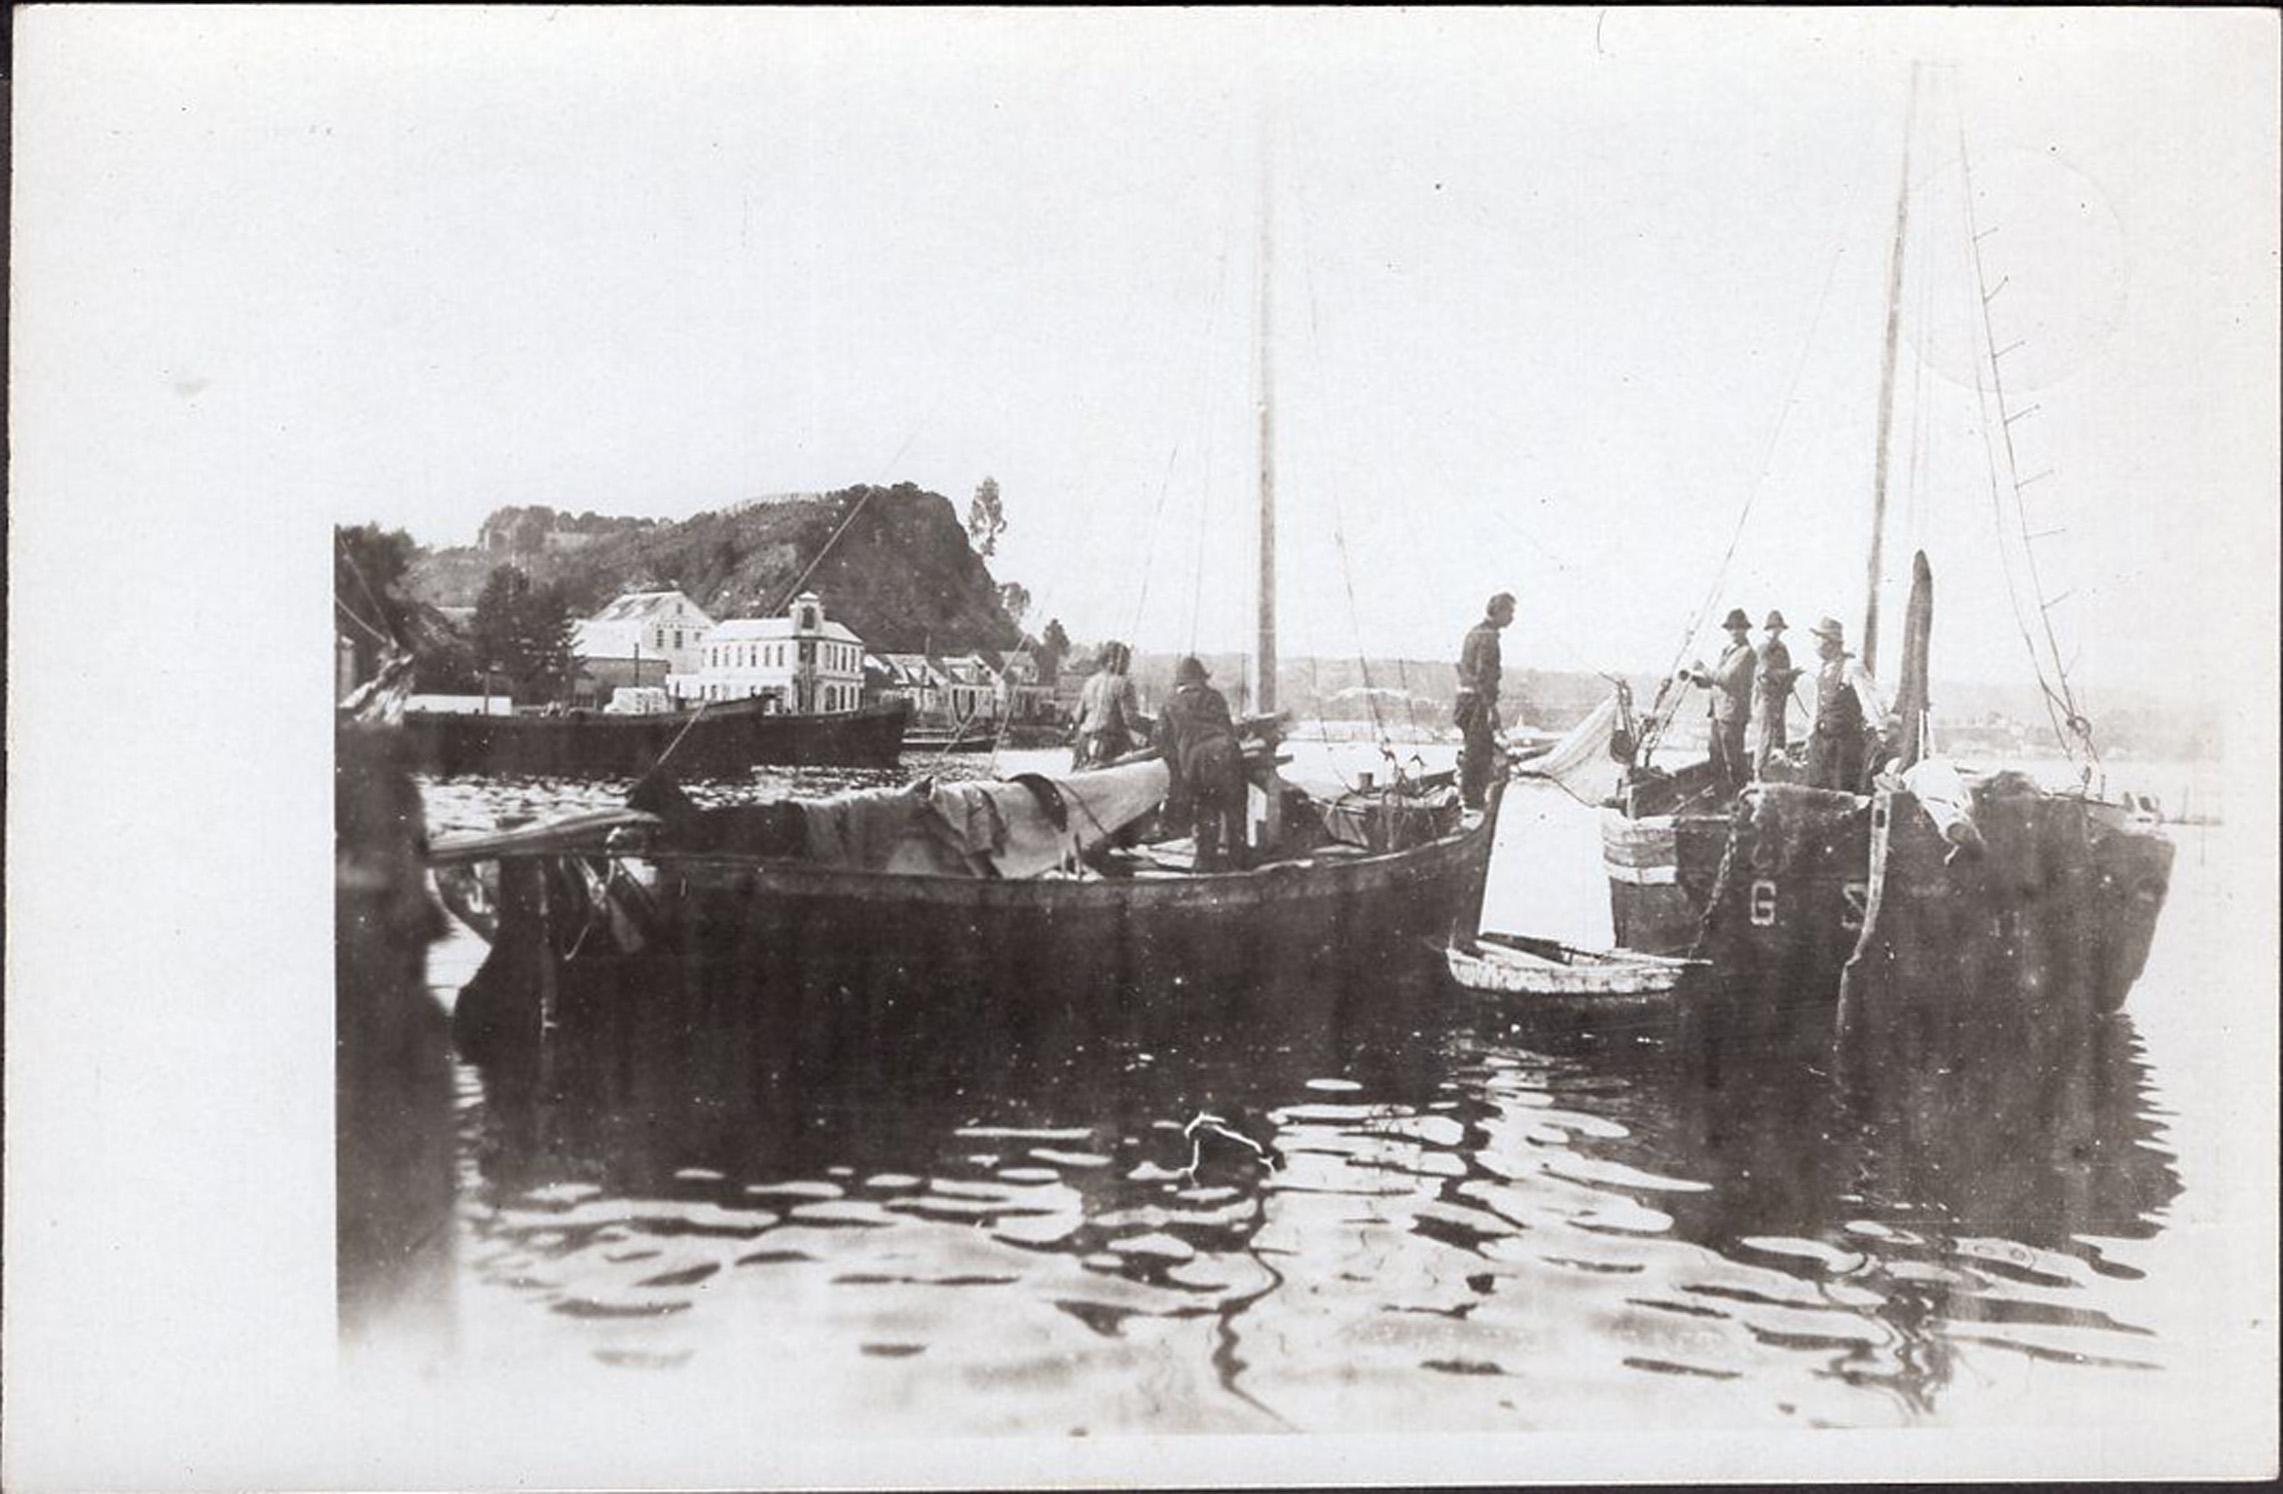 Enterreno - Fotos históricas de chile - fotos antiguas de Chile - Puerto Montt en 1922